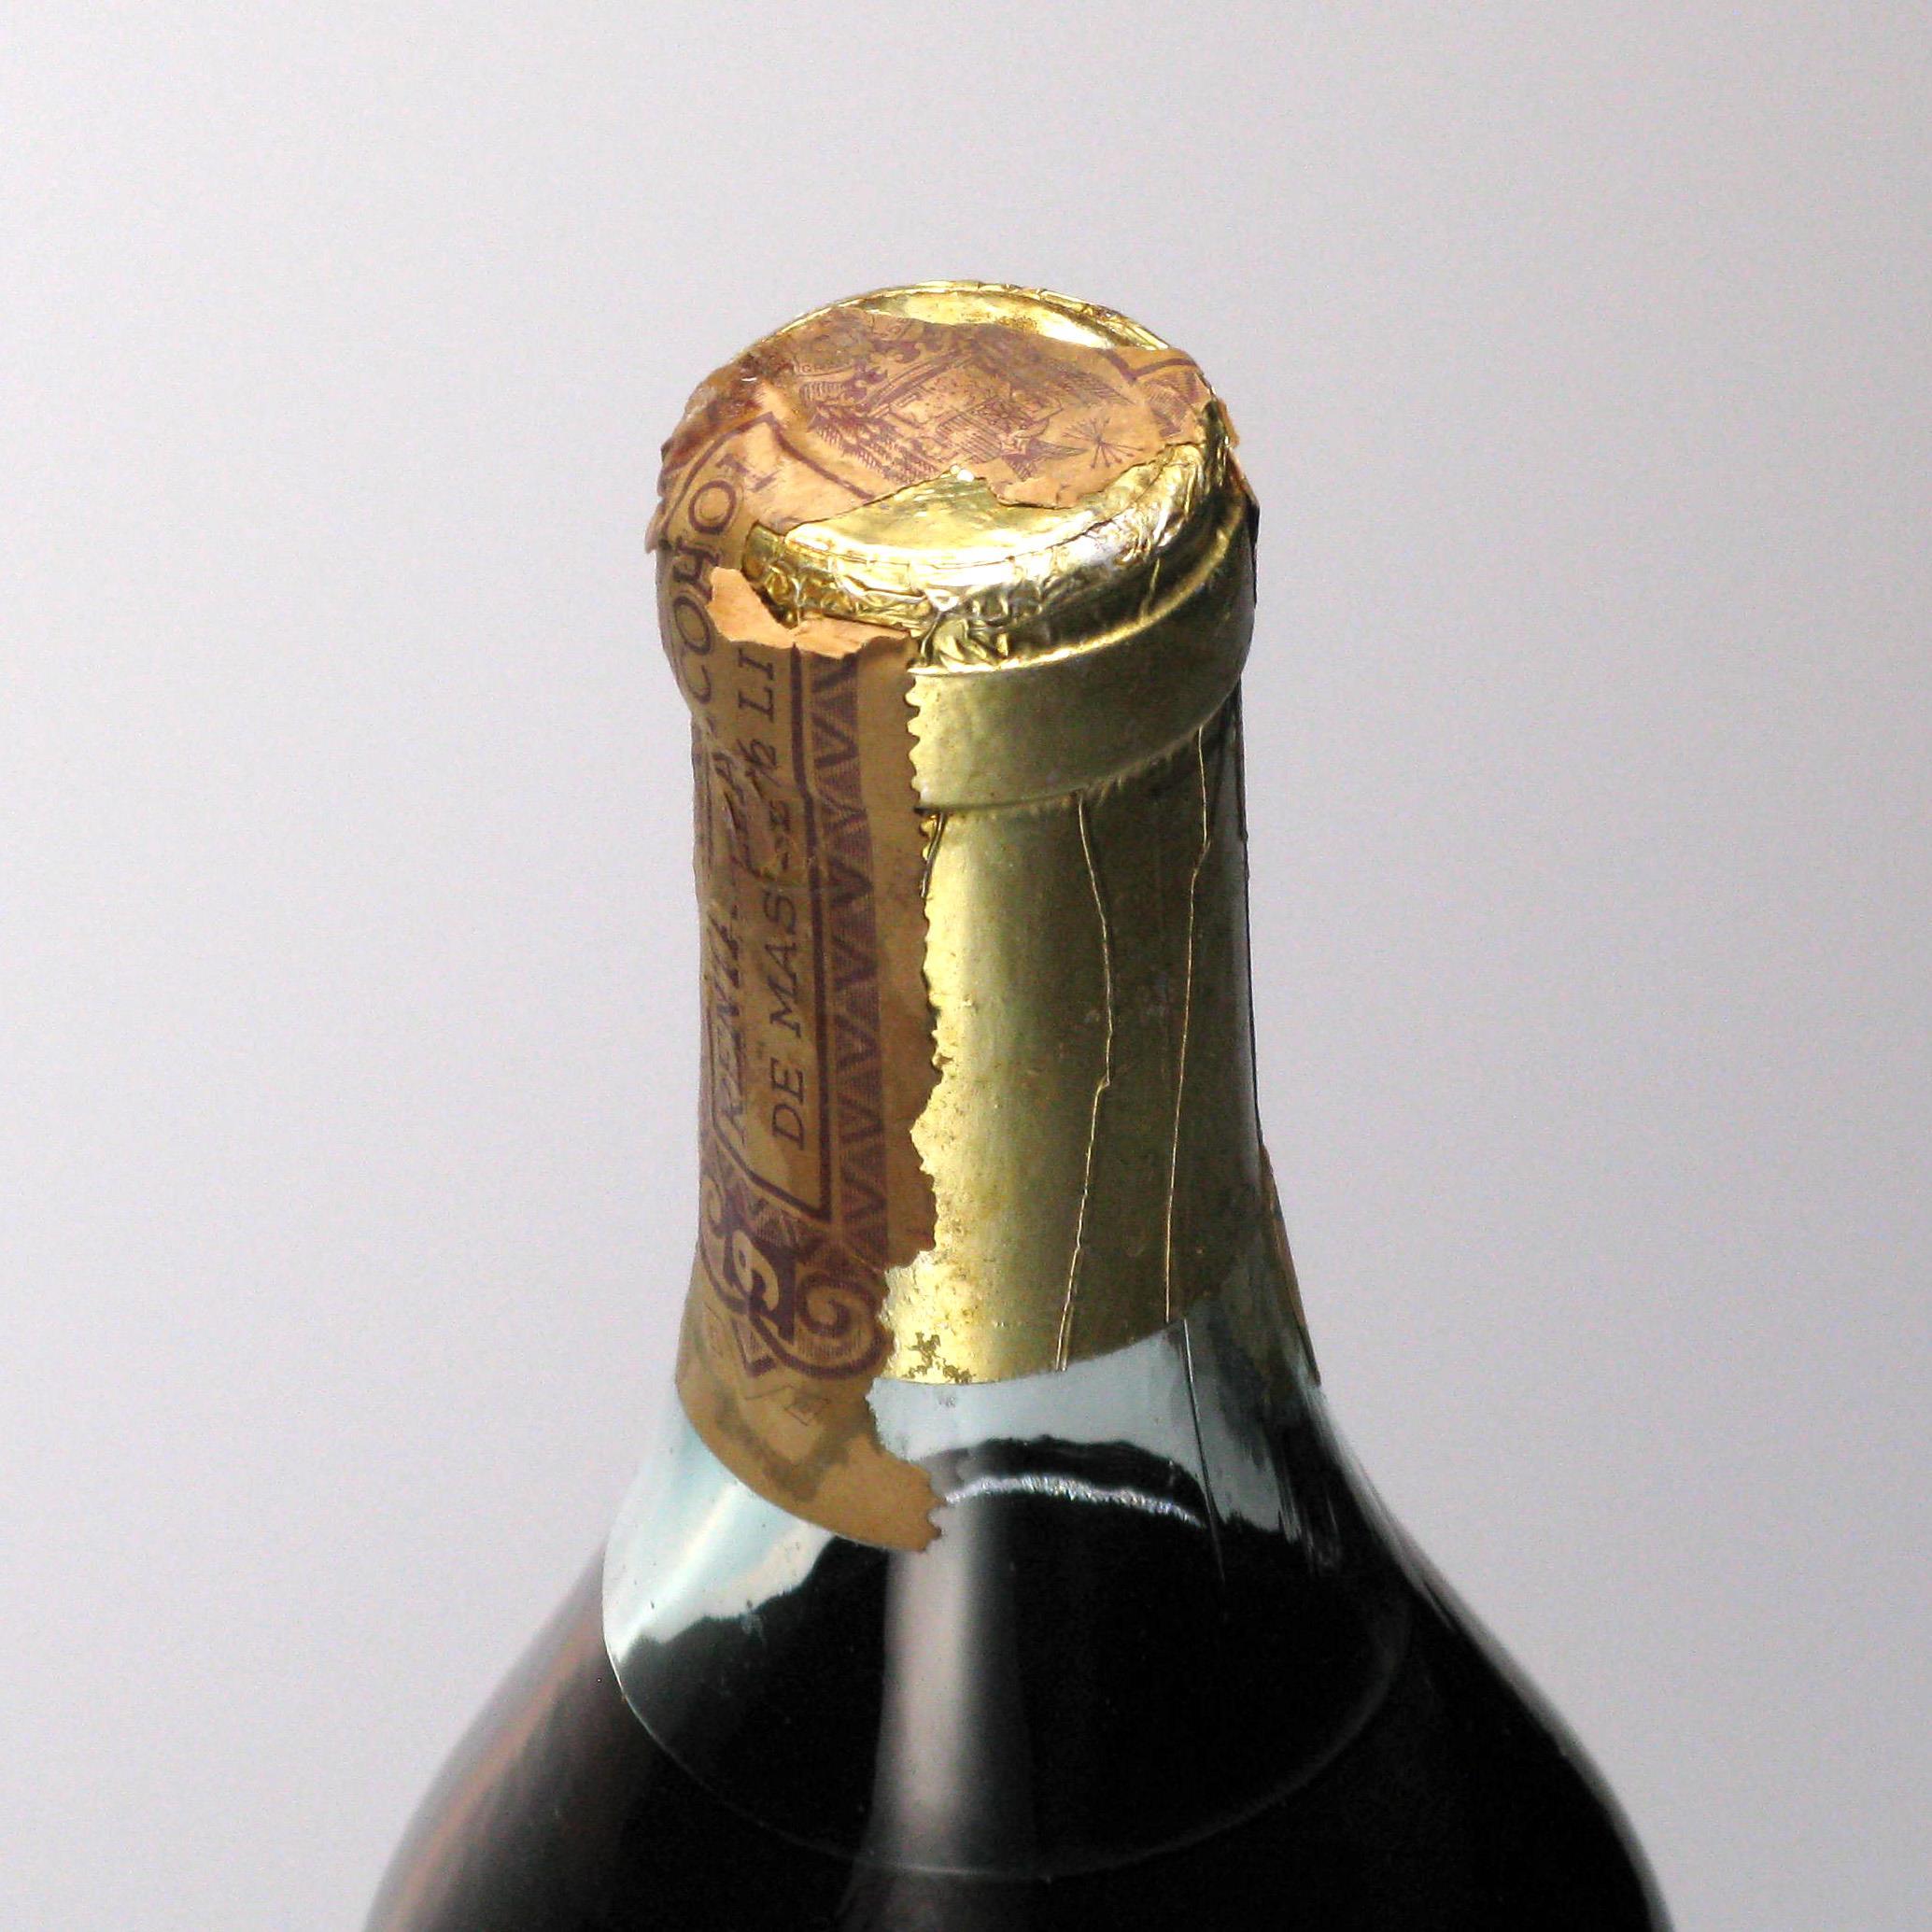 Cognac 1868 Eschenauer & Co